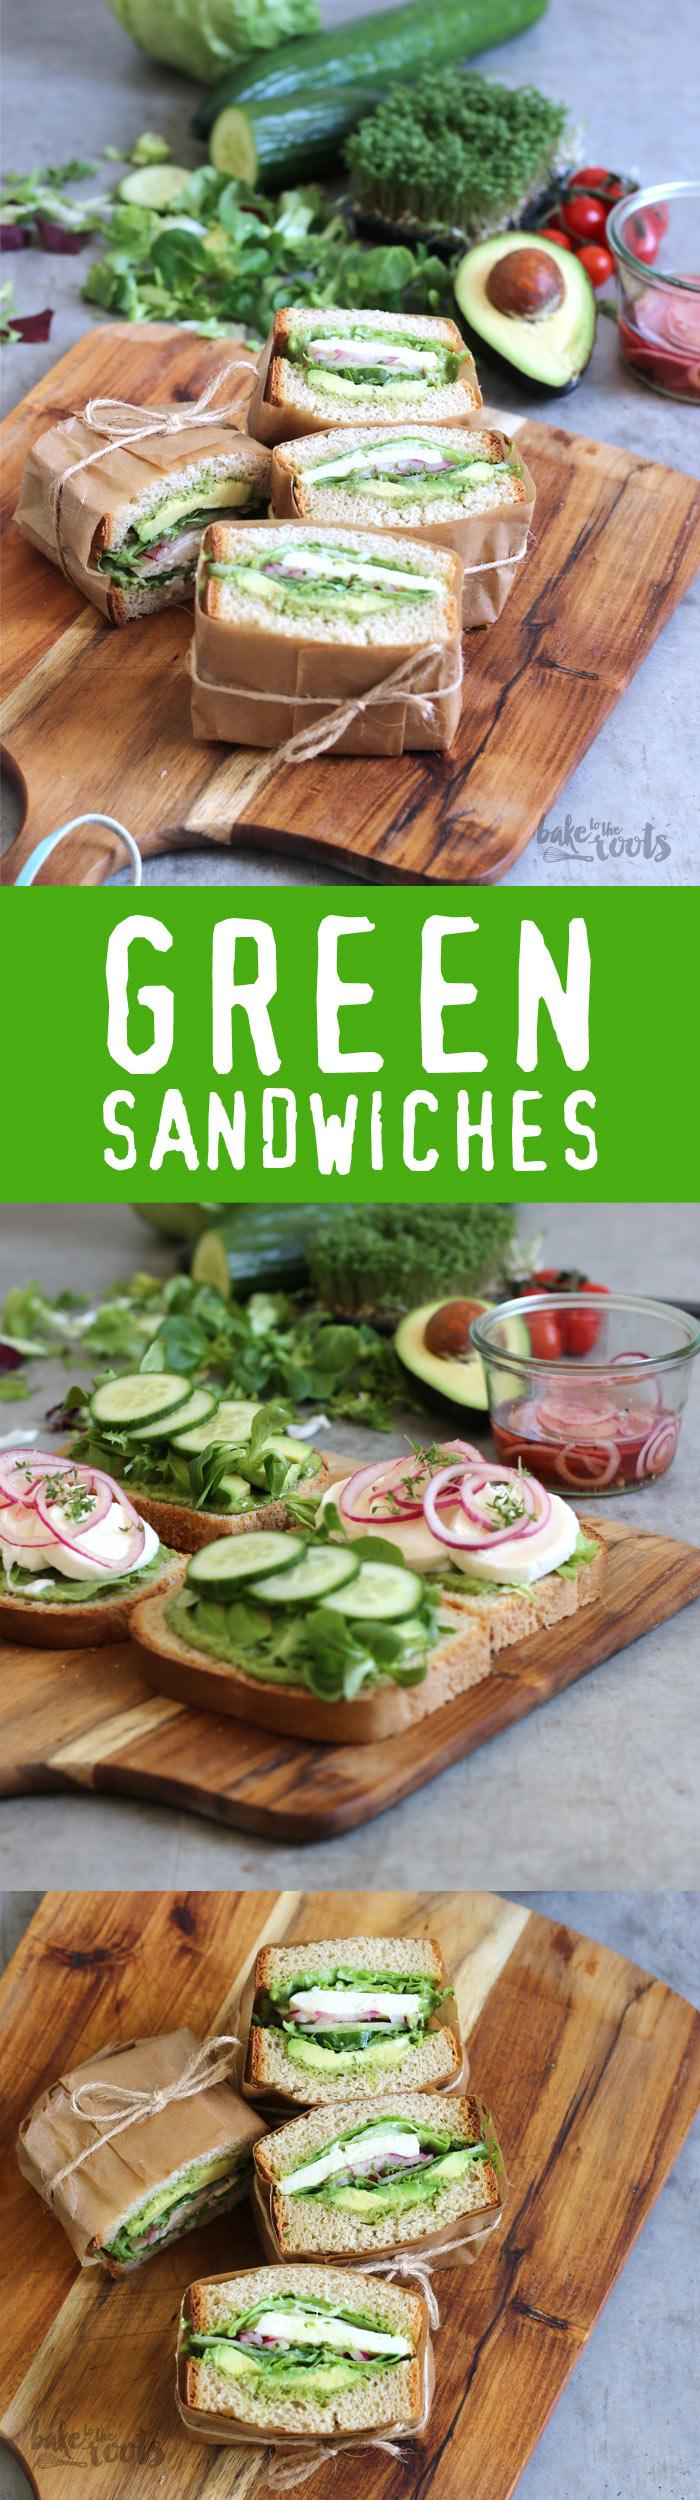 Leckere Grüne Sandwiches - schnell und einfach zubereitet | Bake to the roots